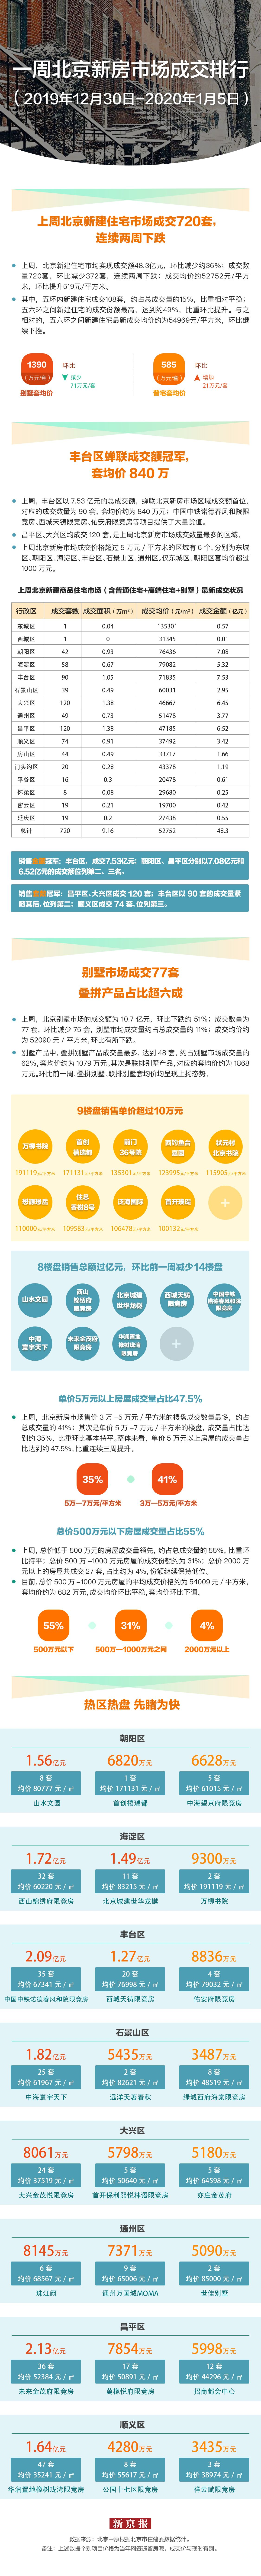 今年首周北京新建住宅成交48.3亿元 丰台区领跑图片